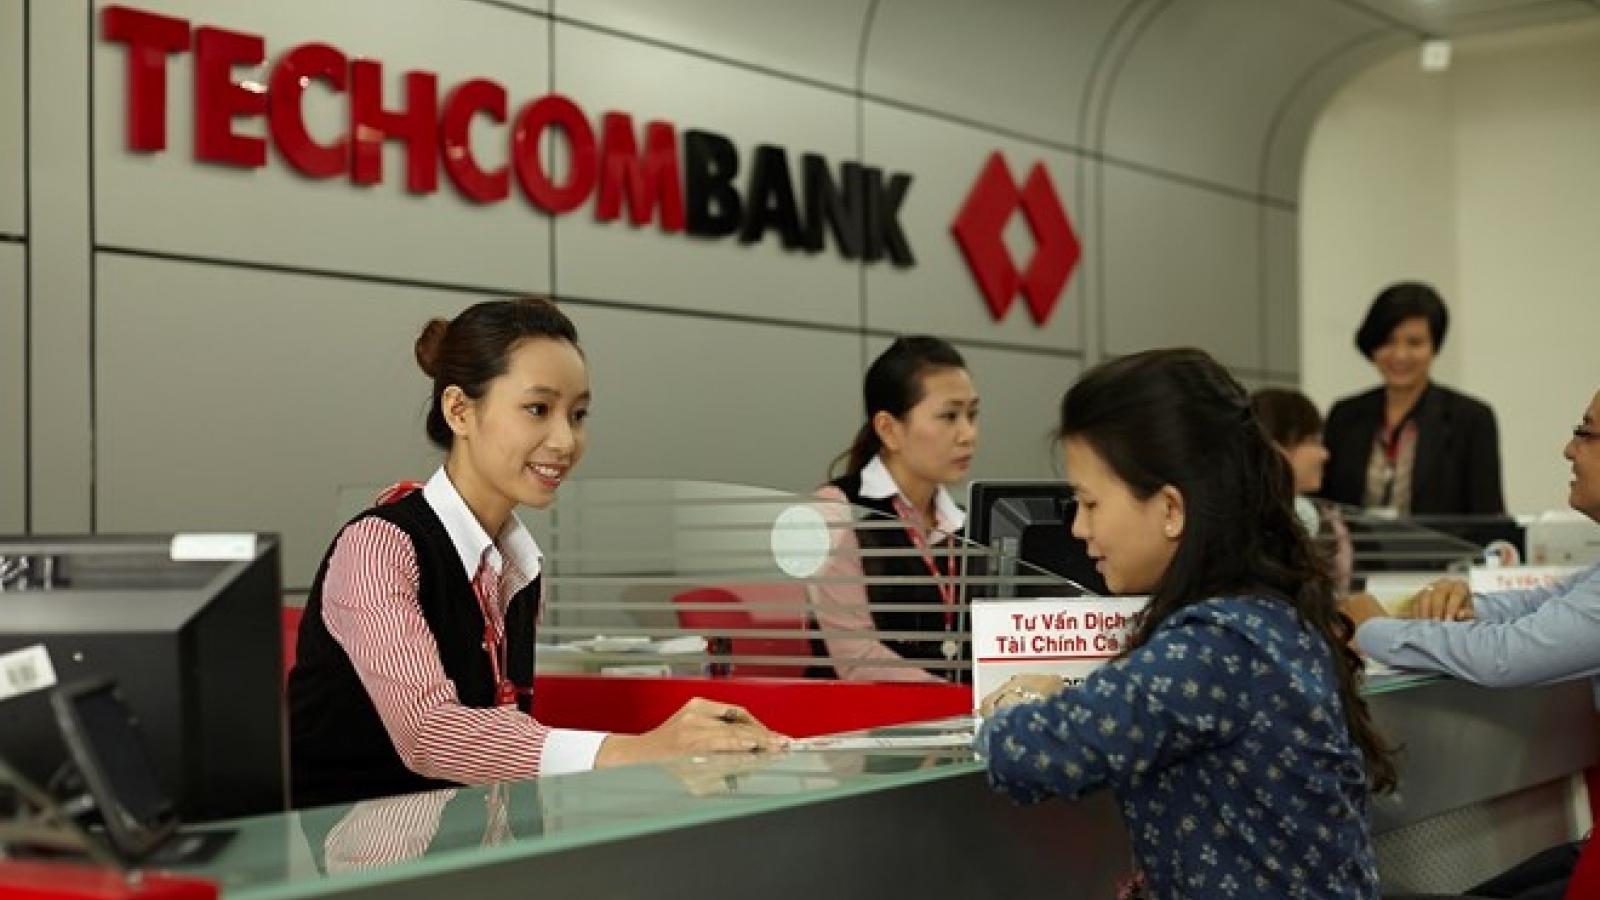 Techcombank receives many int'l awards